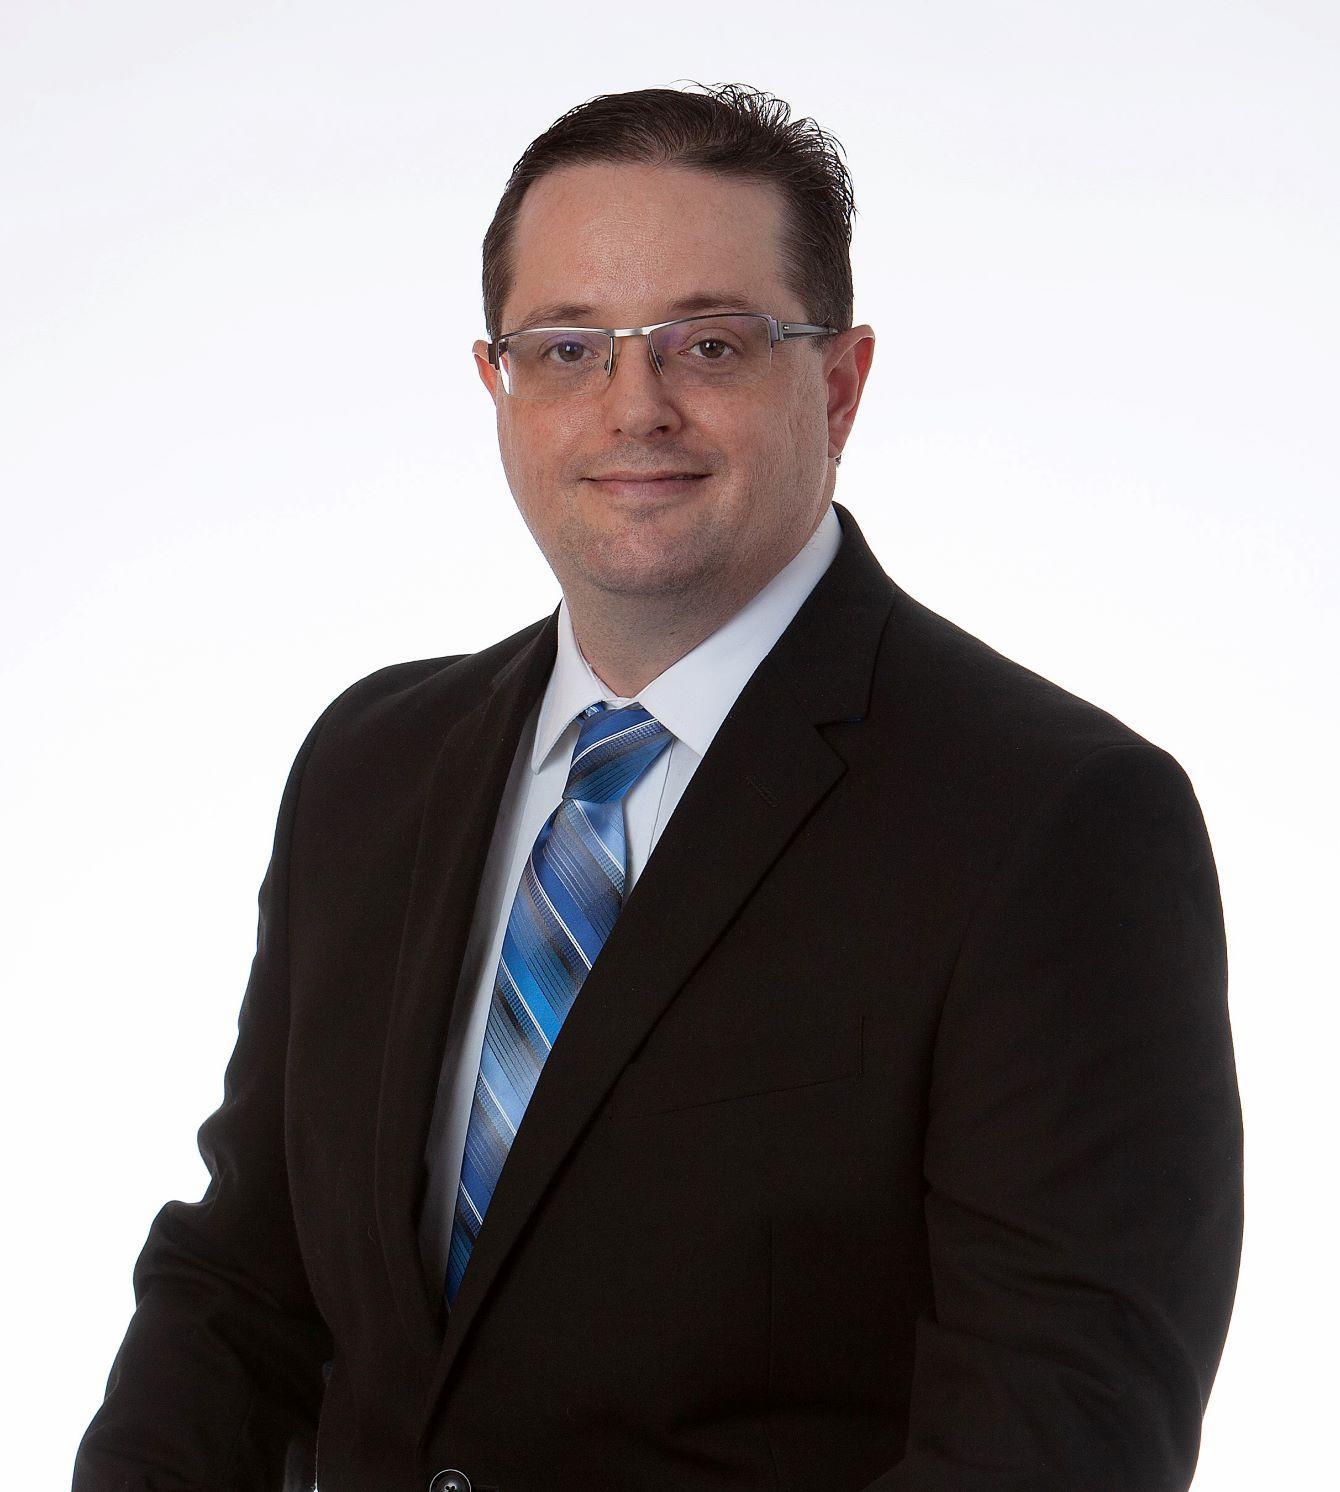 MICHAEL E. KREMER Your Financial Advisor